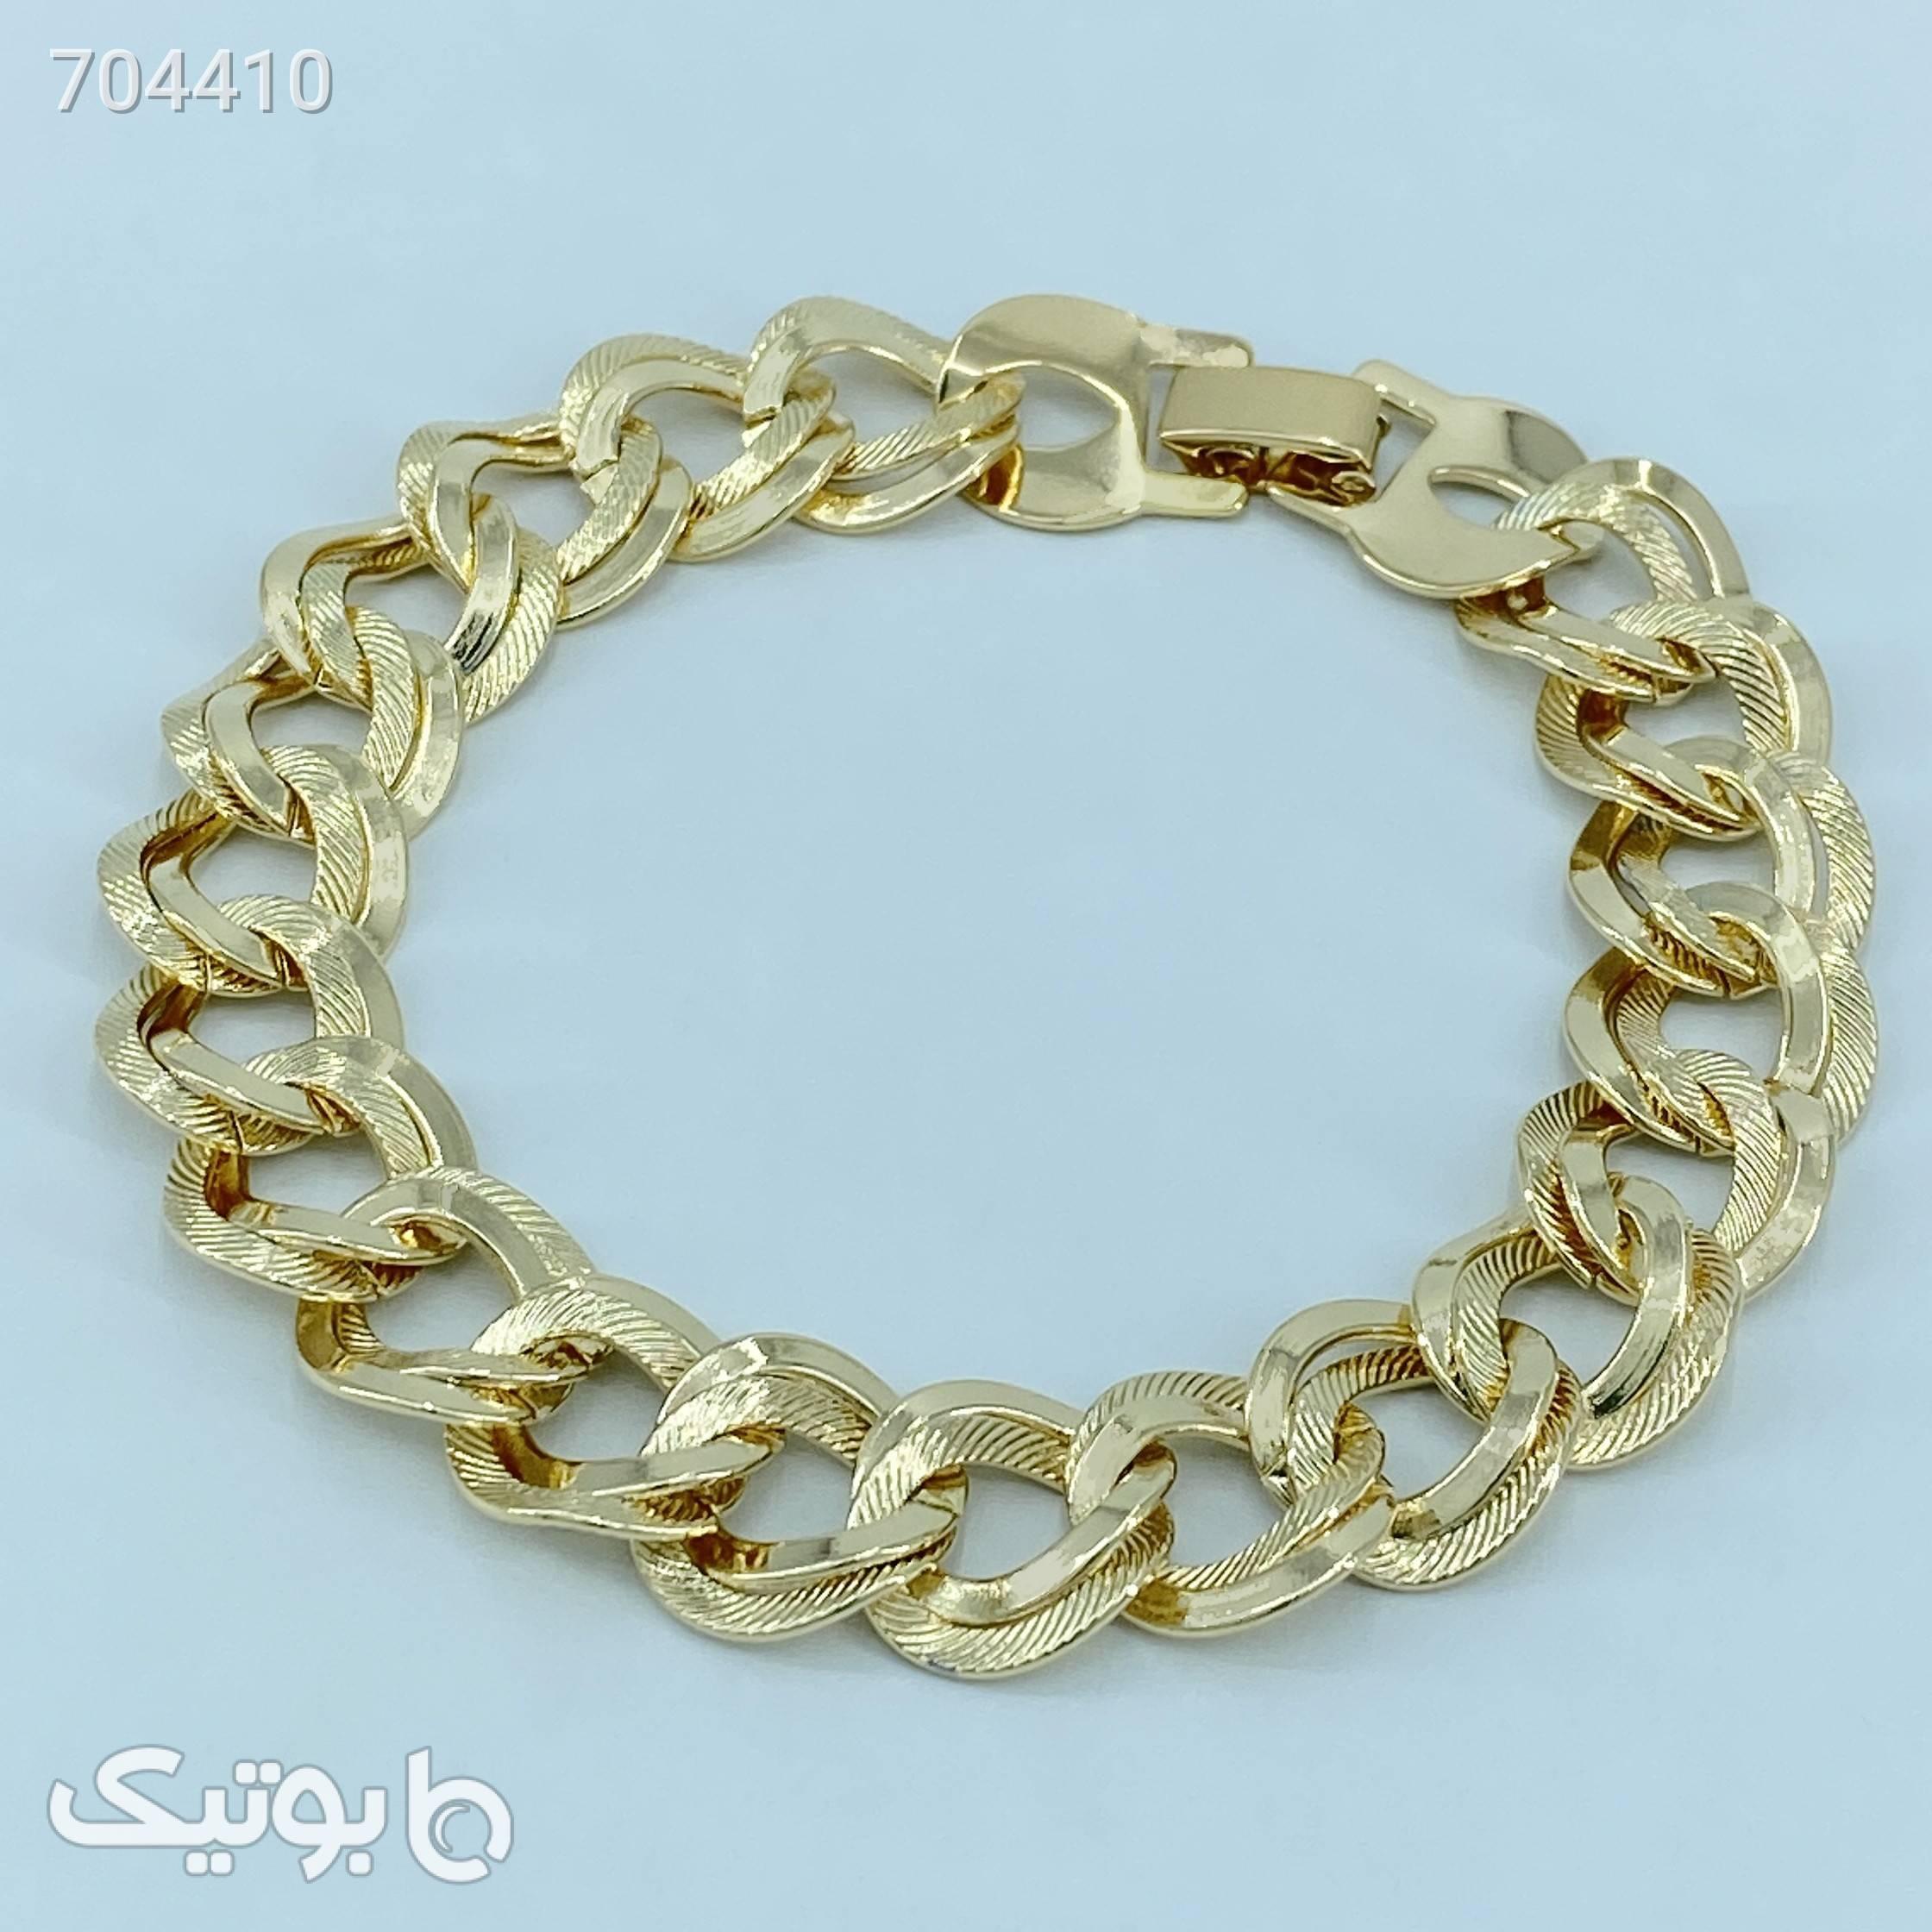 دستبند زنانه ژوپینگ کد B3018 طلایی دستبند و پابند